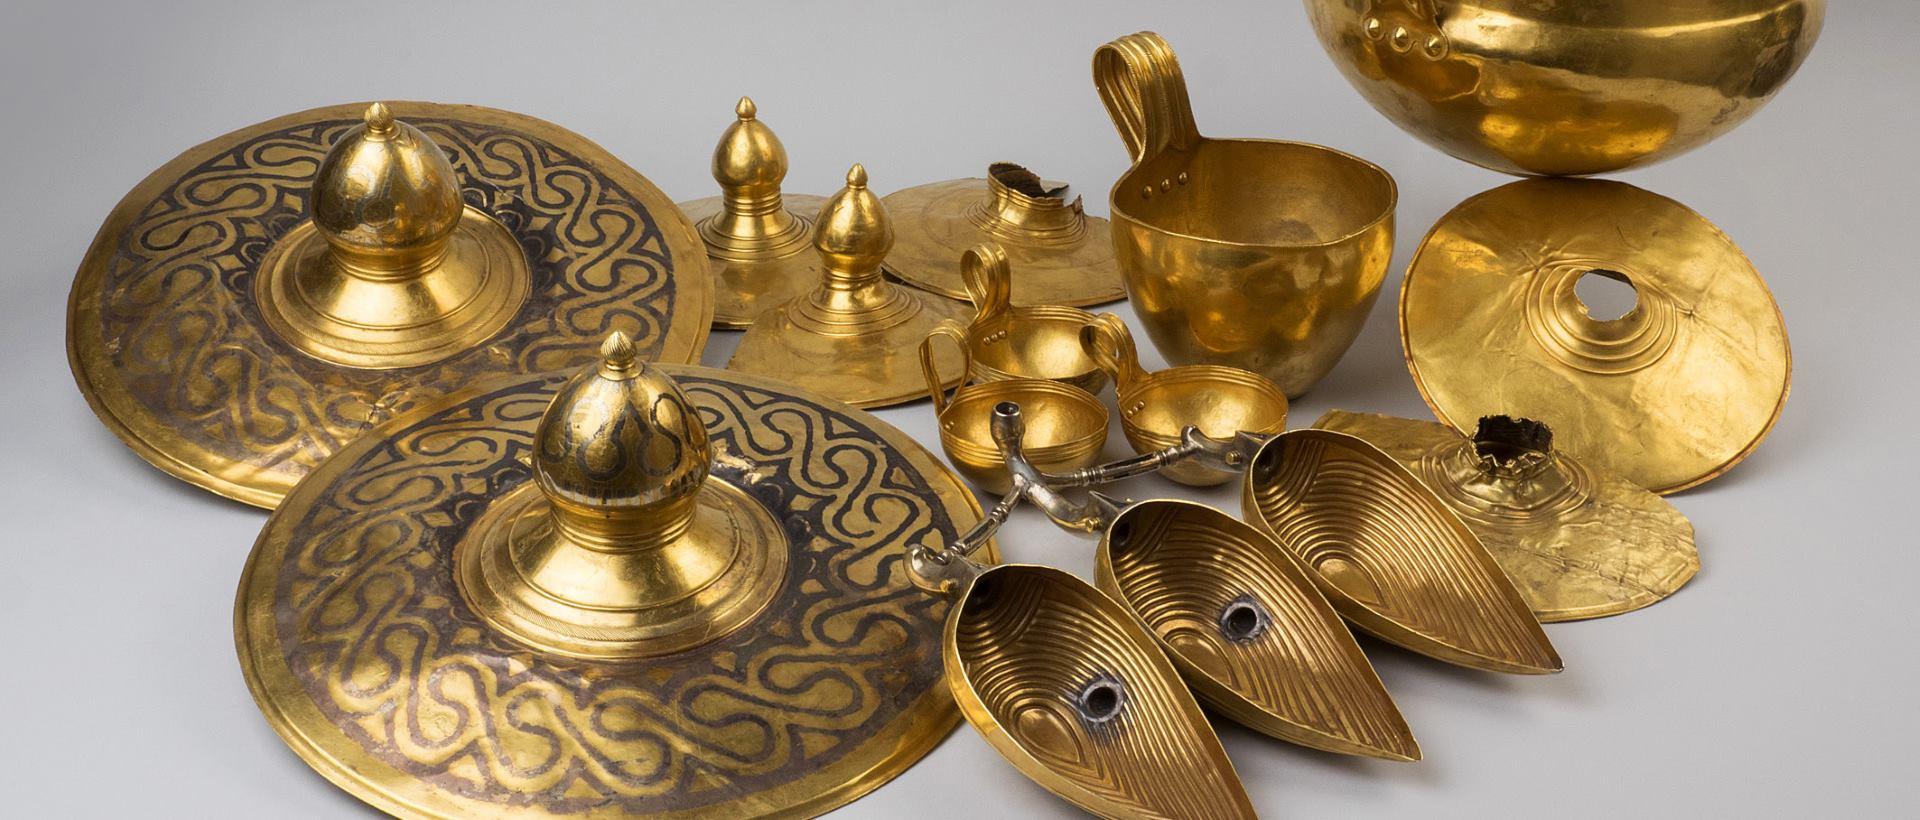 U bečkom Muzeju povijesti otvorena izložba o najstarijem rudniku zlata u Europi